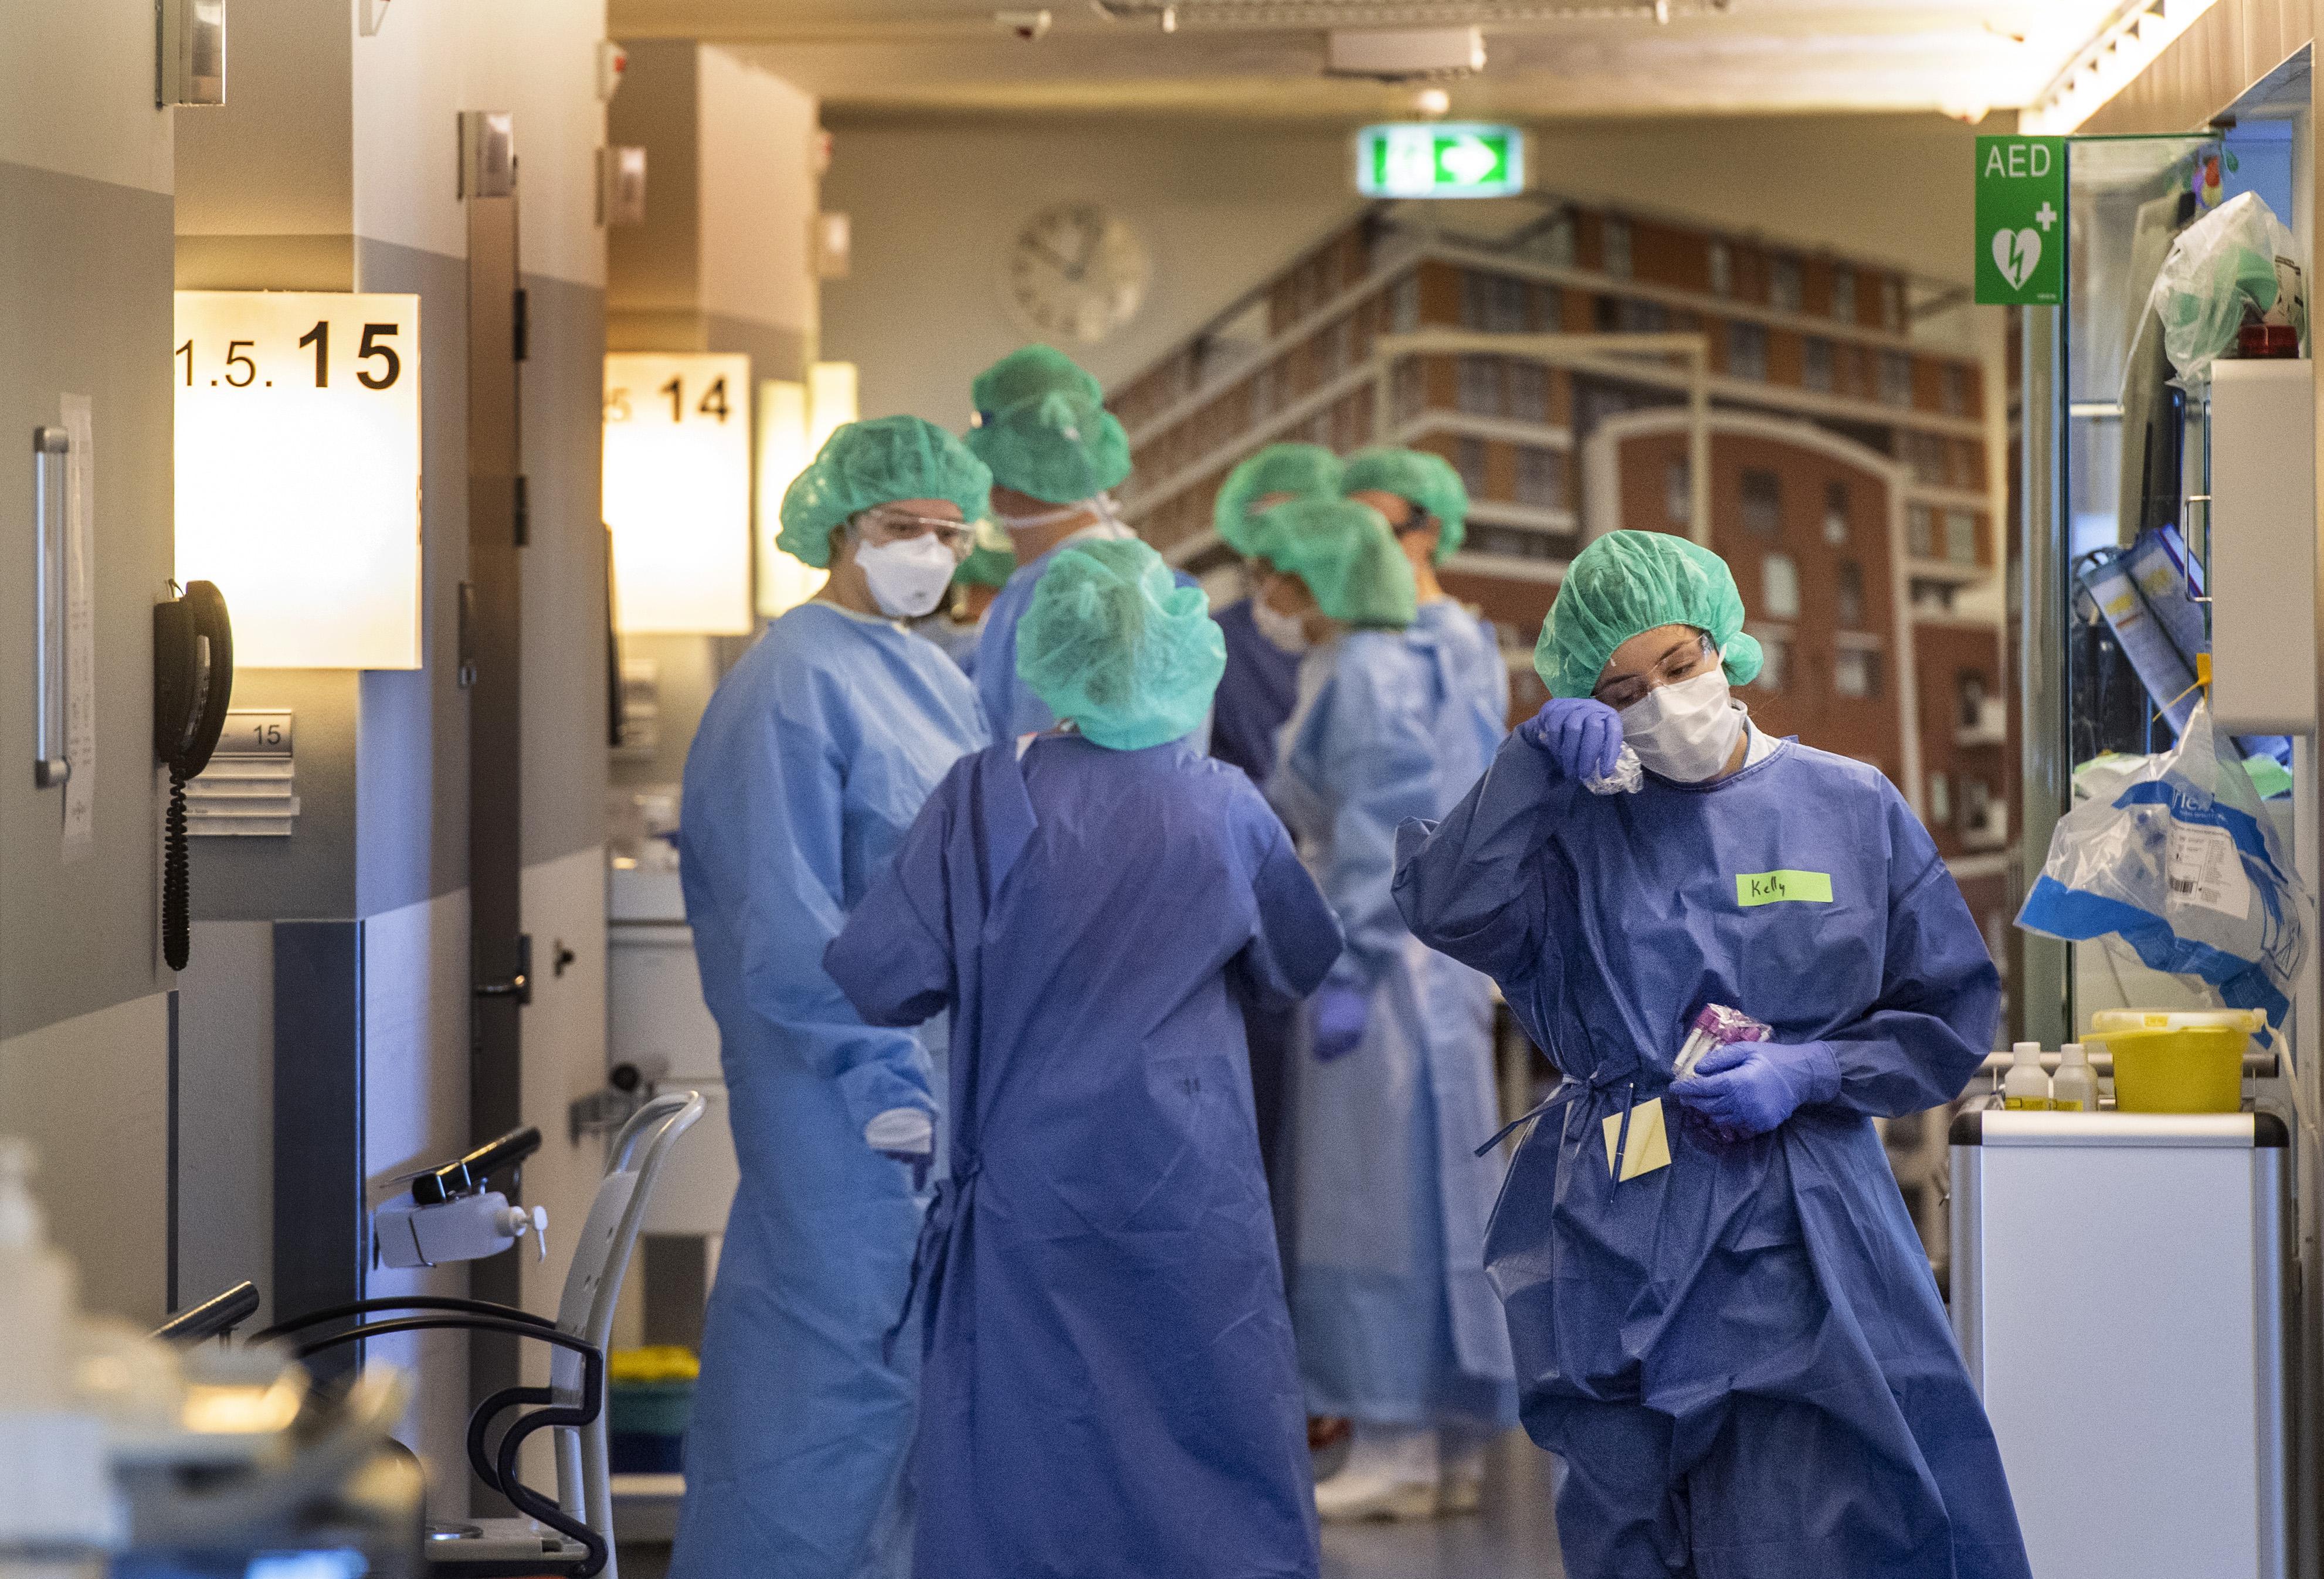 Ziekenhuis wordt anders: Corona zet Spaarne Gasthuis aan het denken over zorg en nieuwbouw in Haarlem